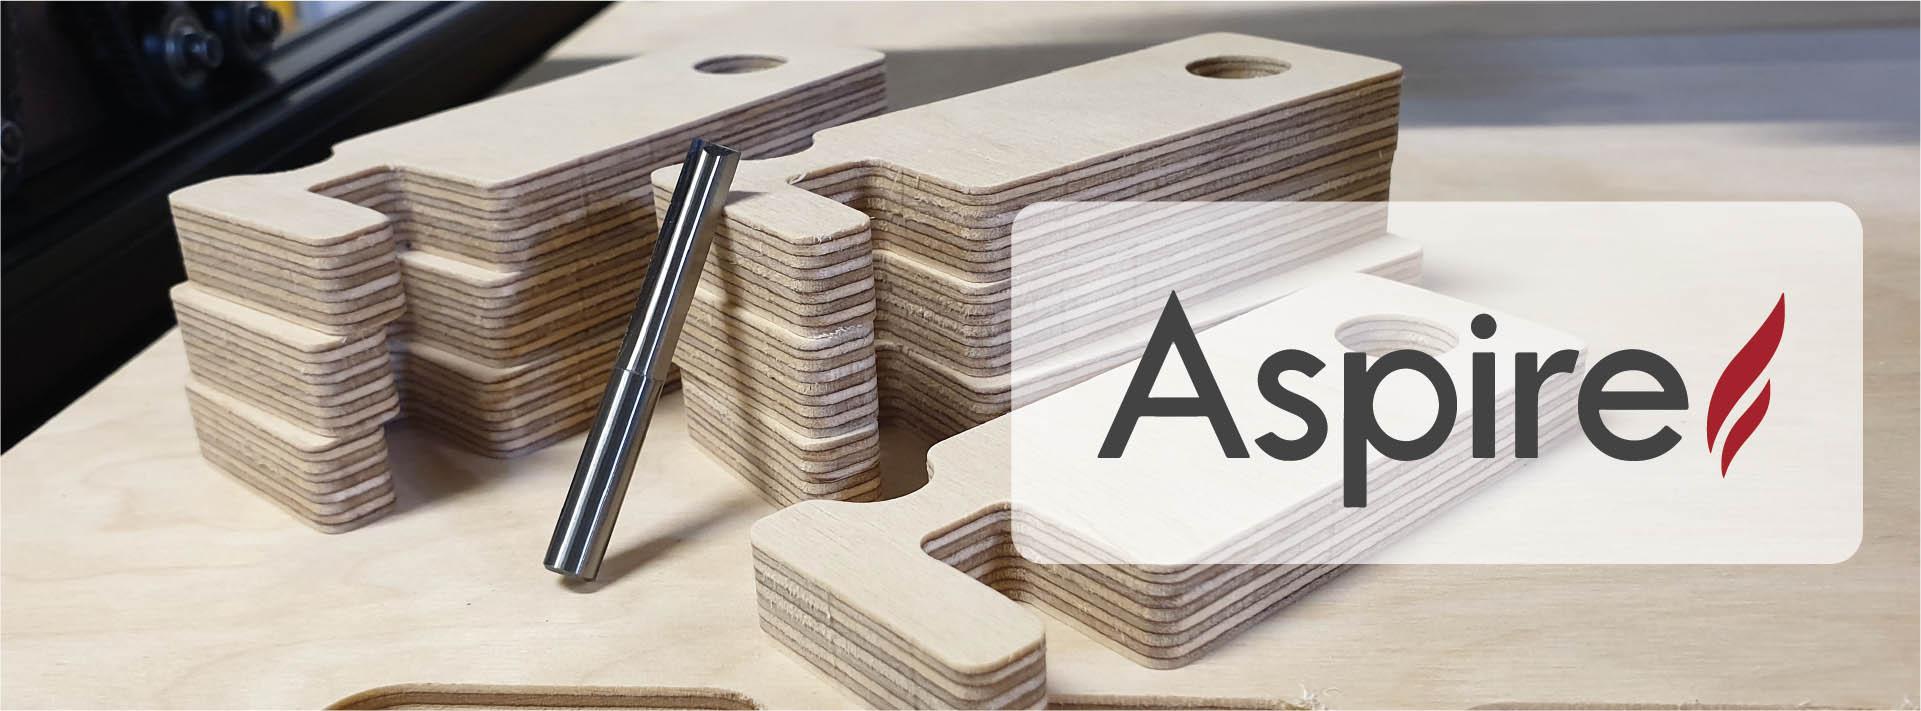 Preparación de trabajos CNC con el software Aspire